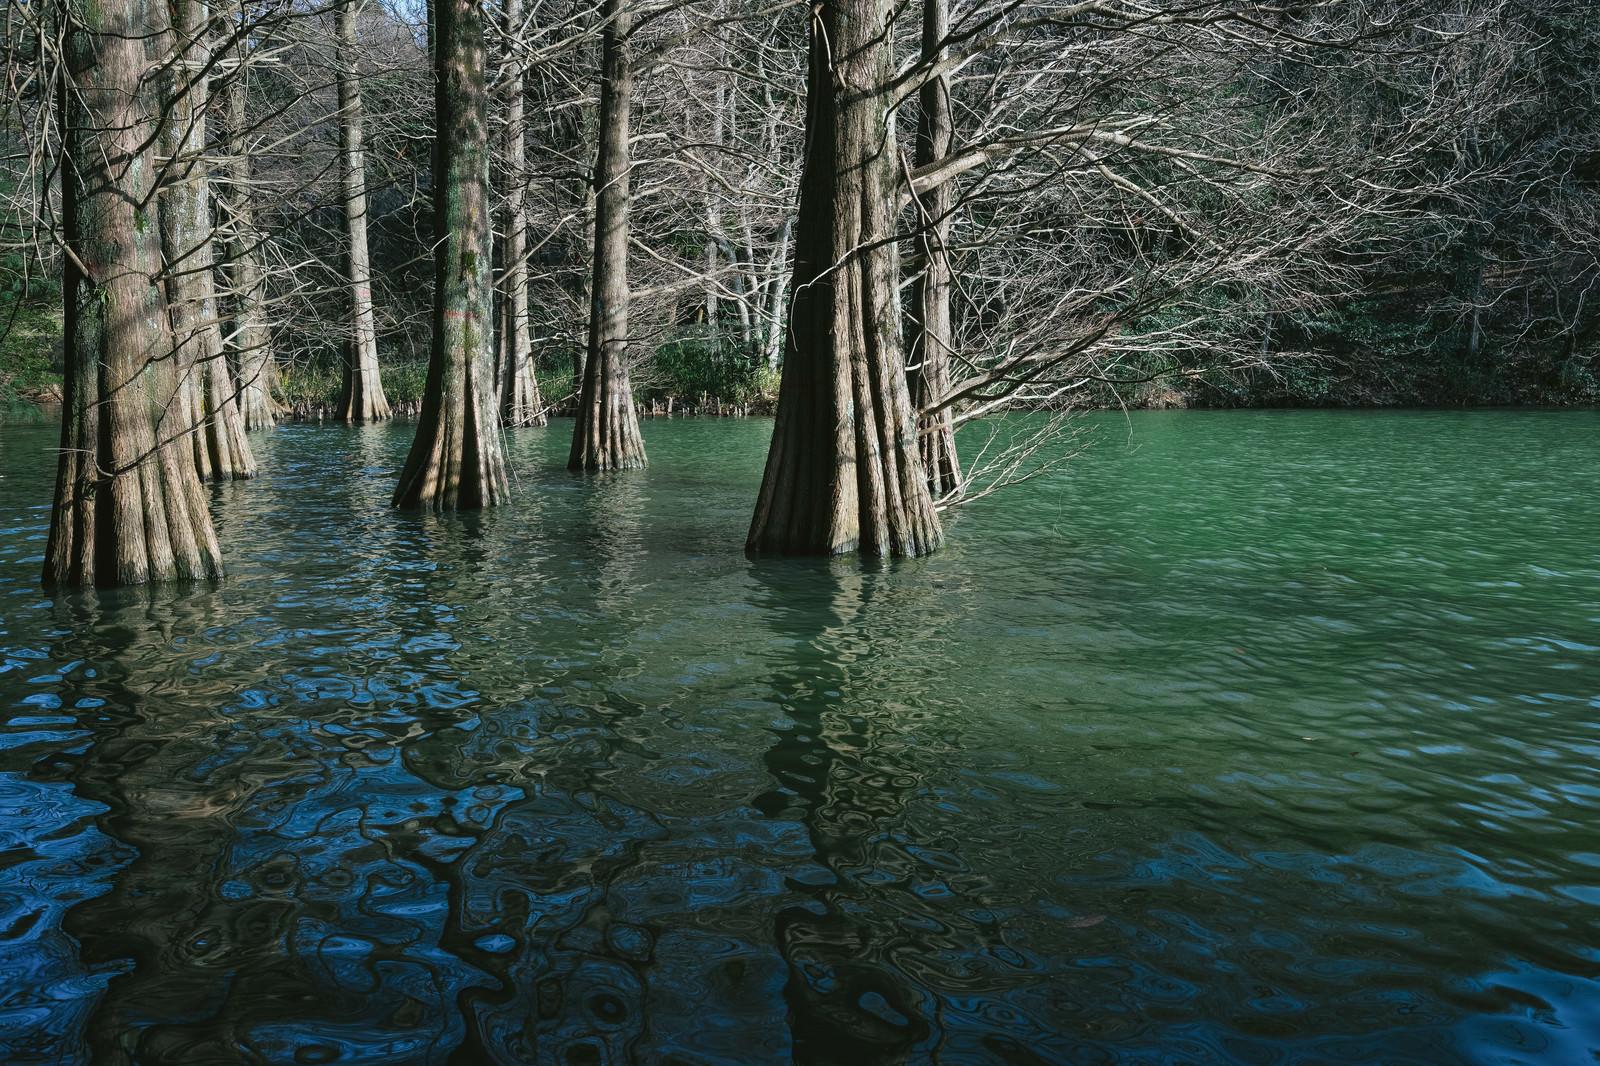 「篠栗九大の森とラクウショウの呼吸根 | 写真の無料素材・フリー素材 - ぱくたそ」の写真